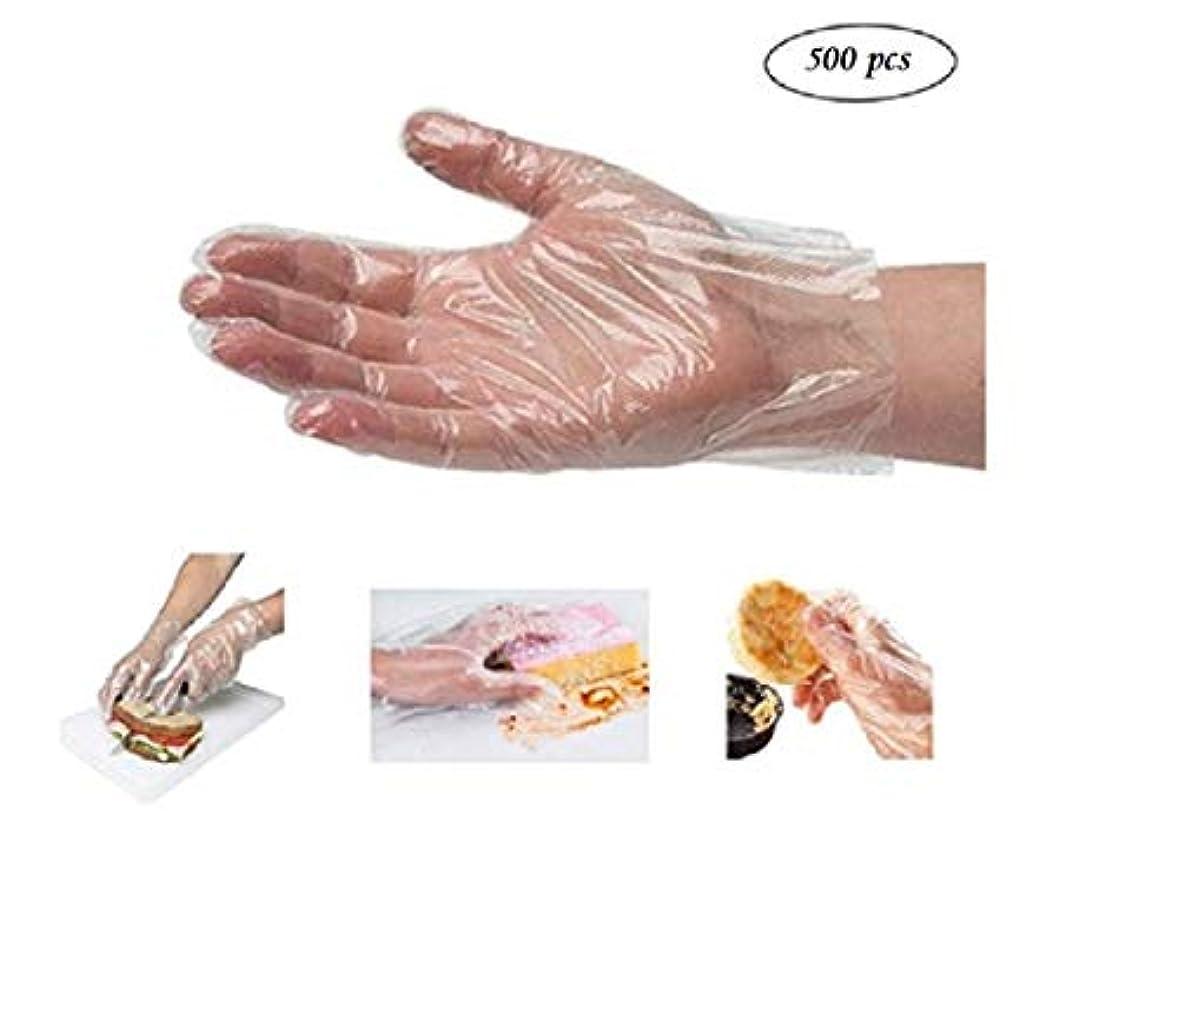 ビタミン砲兵さておき(5) - BYP Clear Disposable Plastic High Density Polyethylene Gloves Sterile Disposable Safety Gloves(500 Sheets...